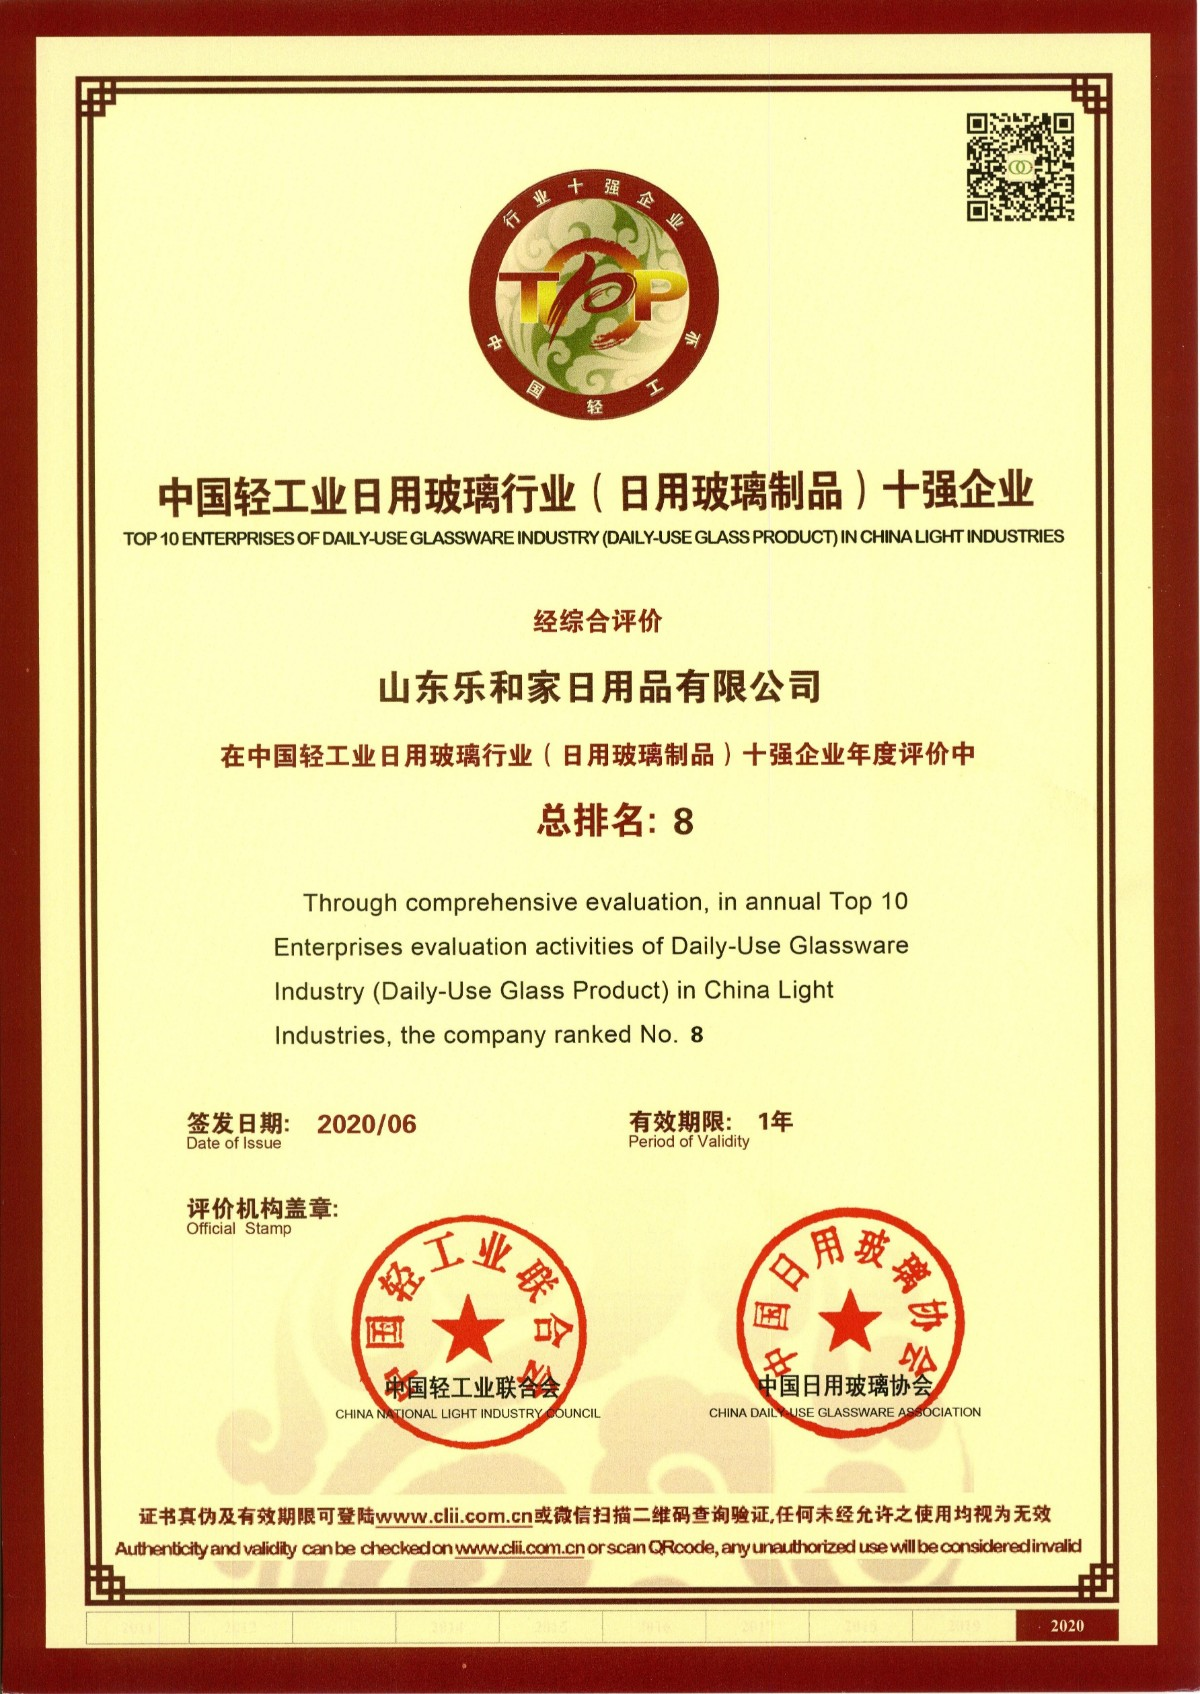 202006乐和家-中国轻工业日用玻璃行业(日用玻璃制品)十强企业(1).jpg